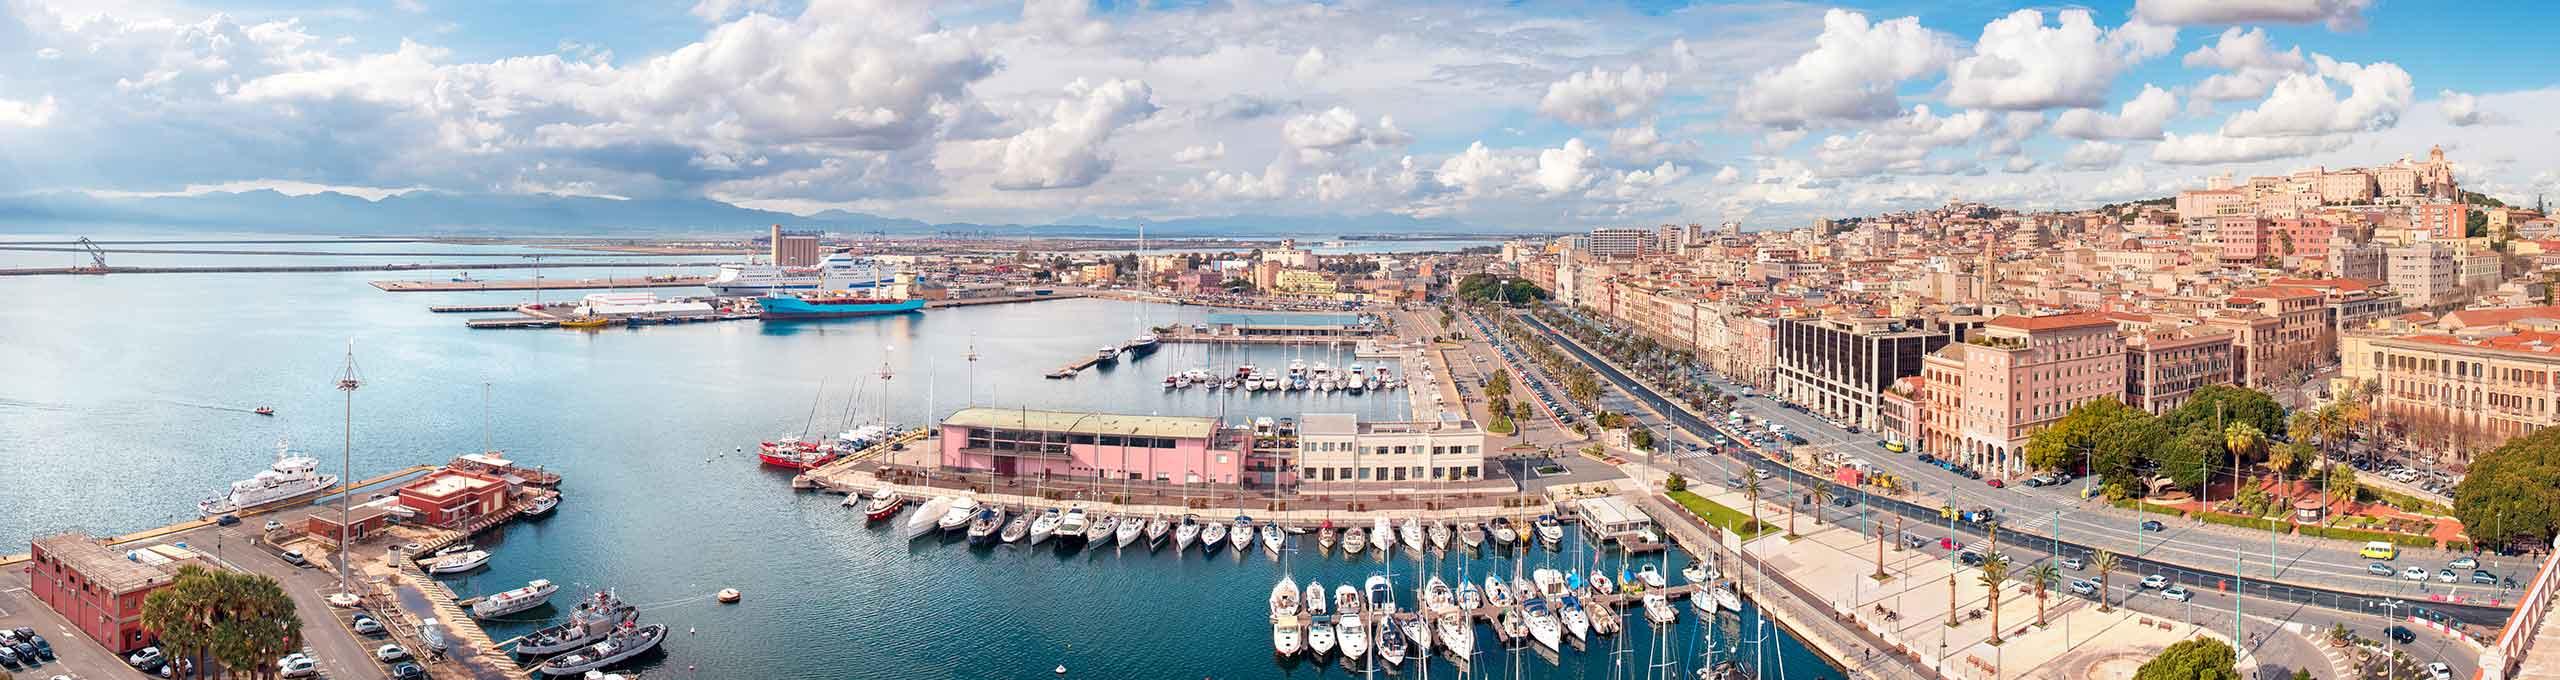 Cagliari, la città vecchia e il porto